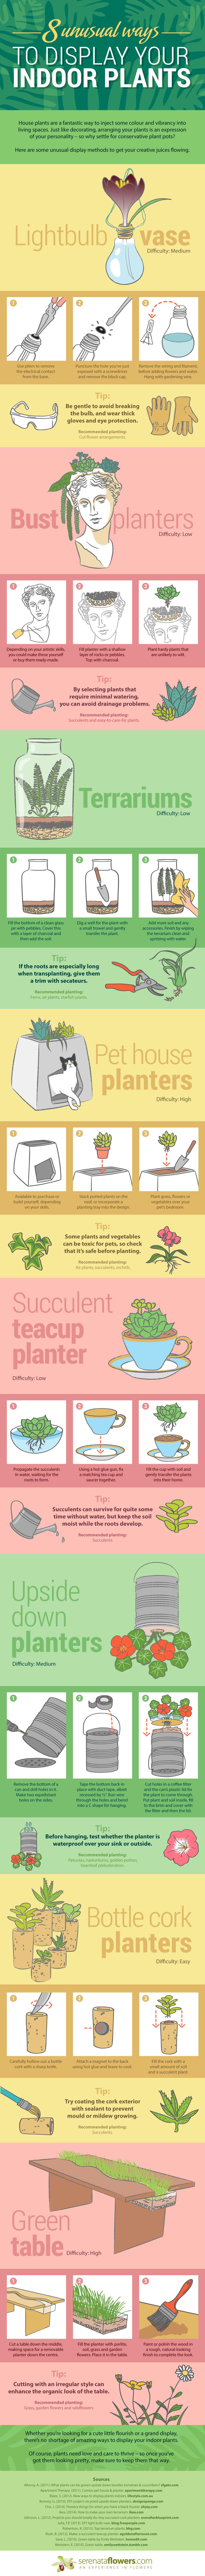 8 Unusual Ways to Display Your Indoor Plants